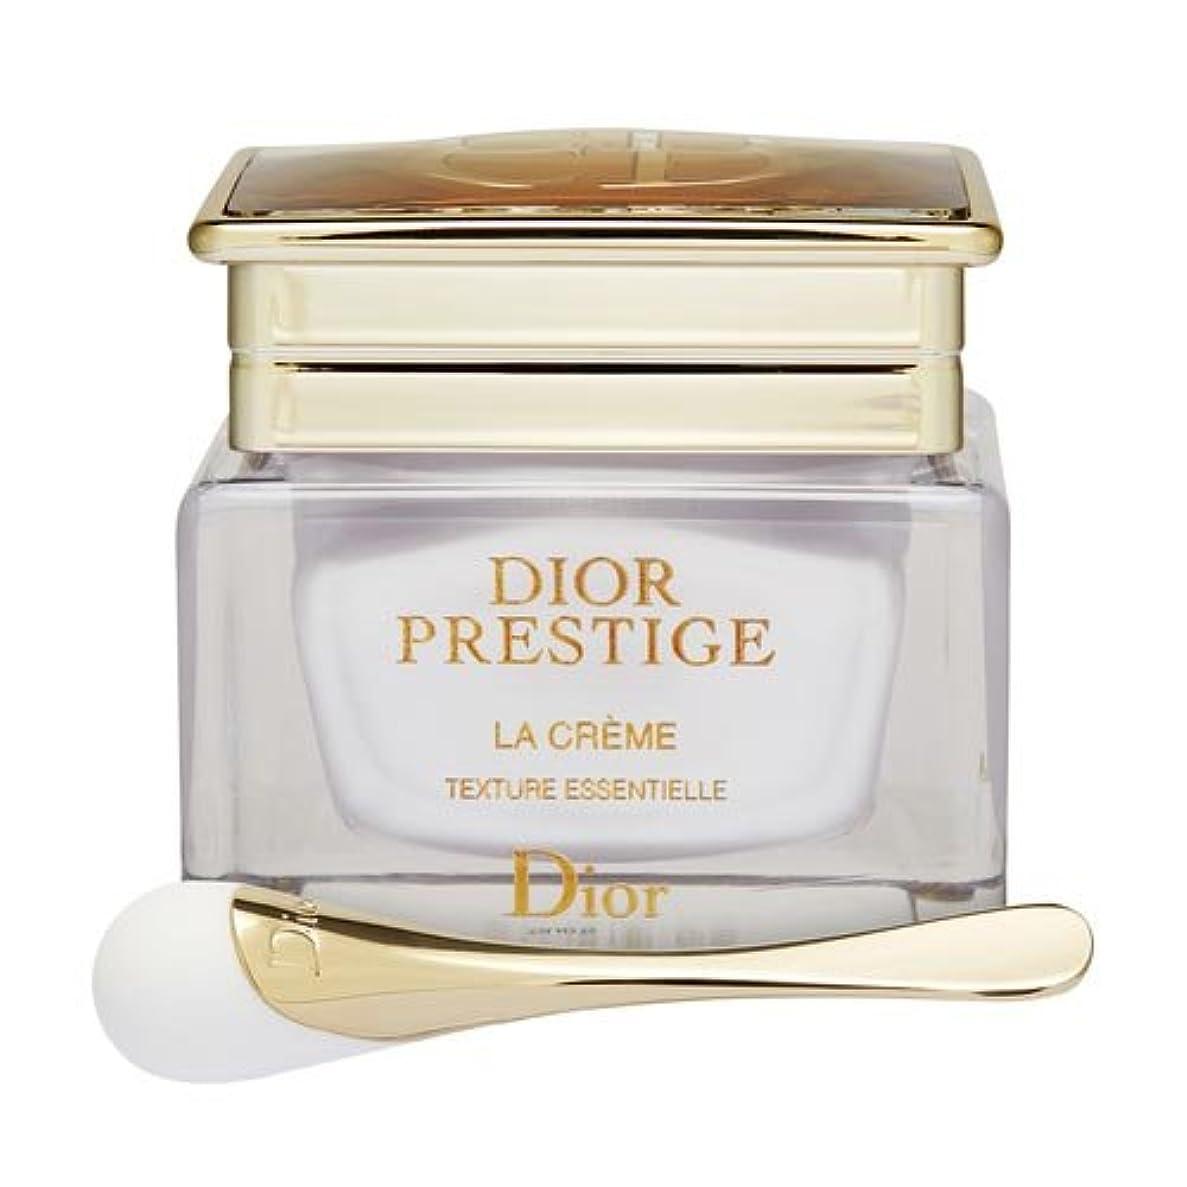 コミュニティ出発する軍ディオール(Dior) プレステージ ラ クレーム 50ml[並行輸入品]